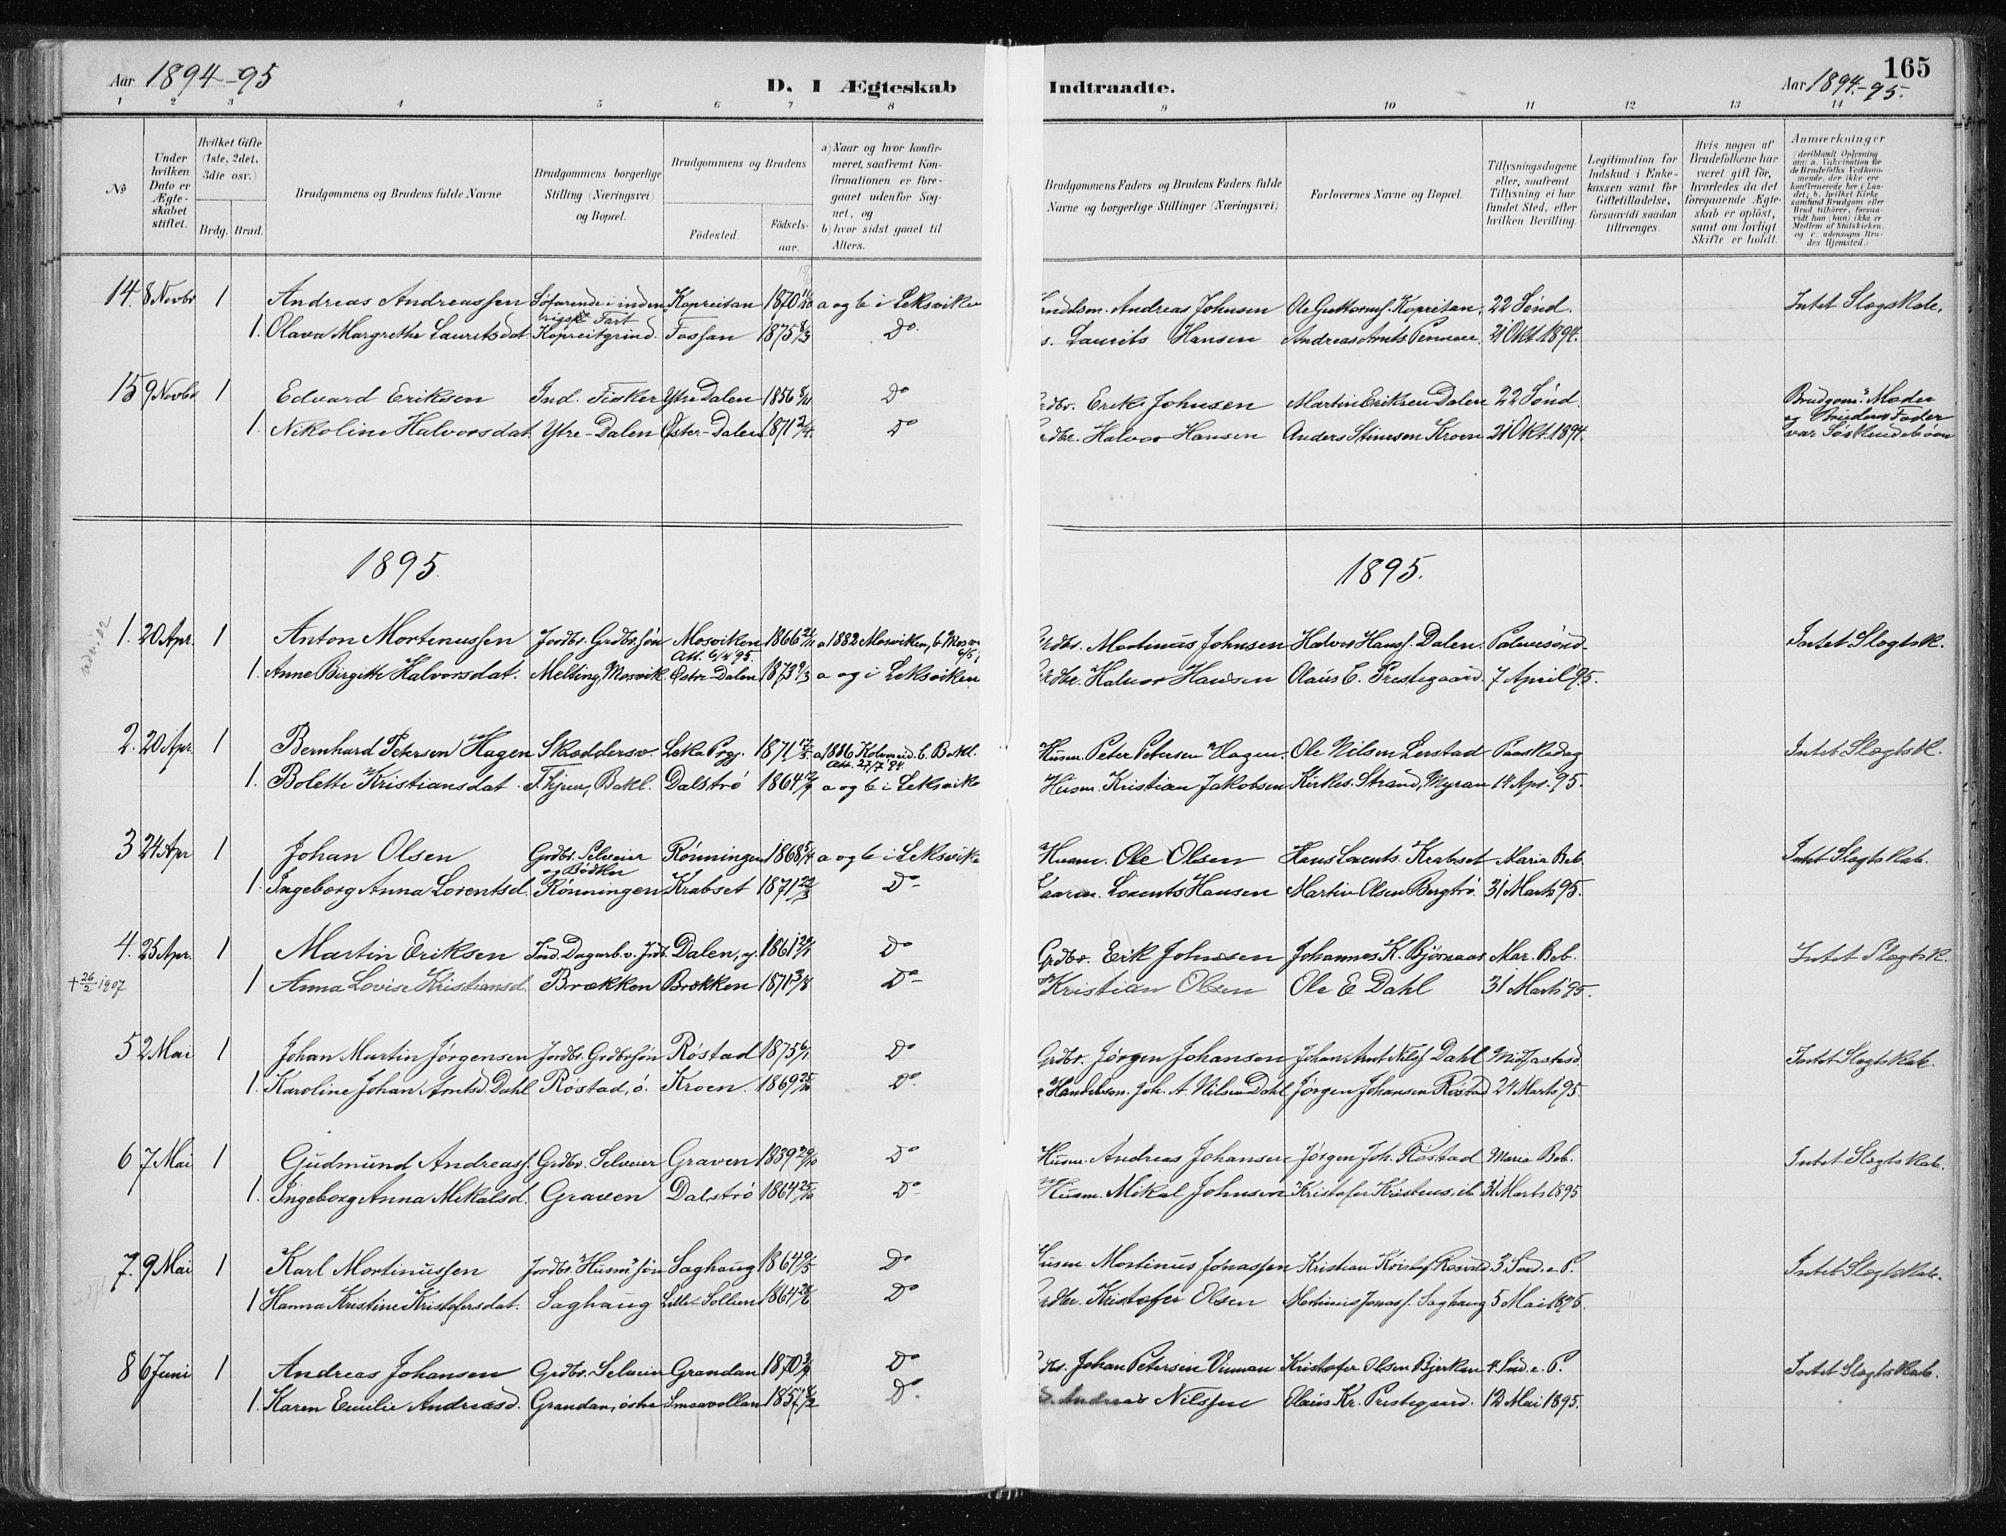 SAT, Ministerialprotokoller, klokkerbøker og fødselsregistre - Nord-Trøndelag, 701/L0010: Ministerialbok nr. 701A10, 1883-1899, s. 165